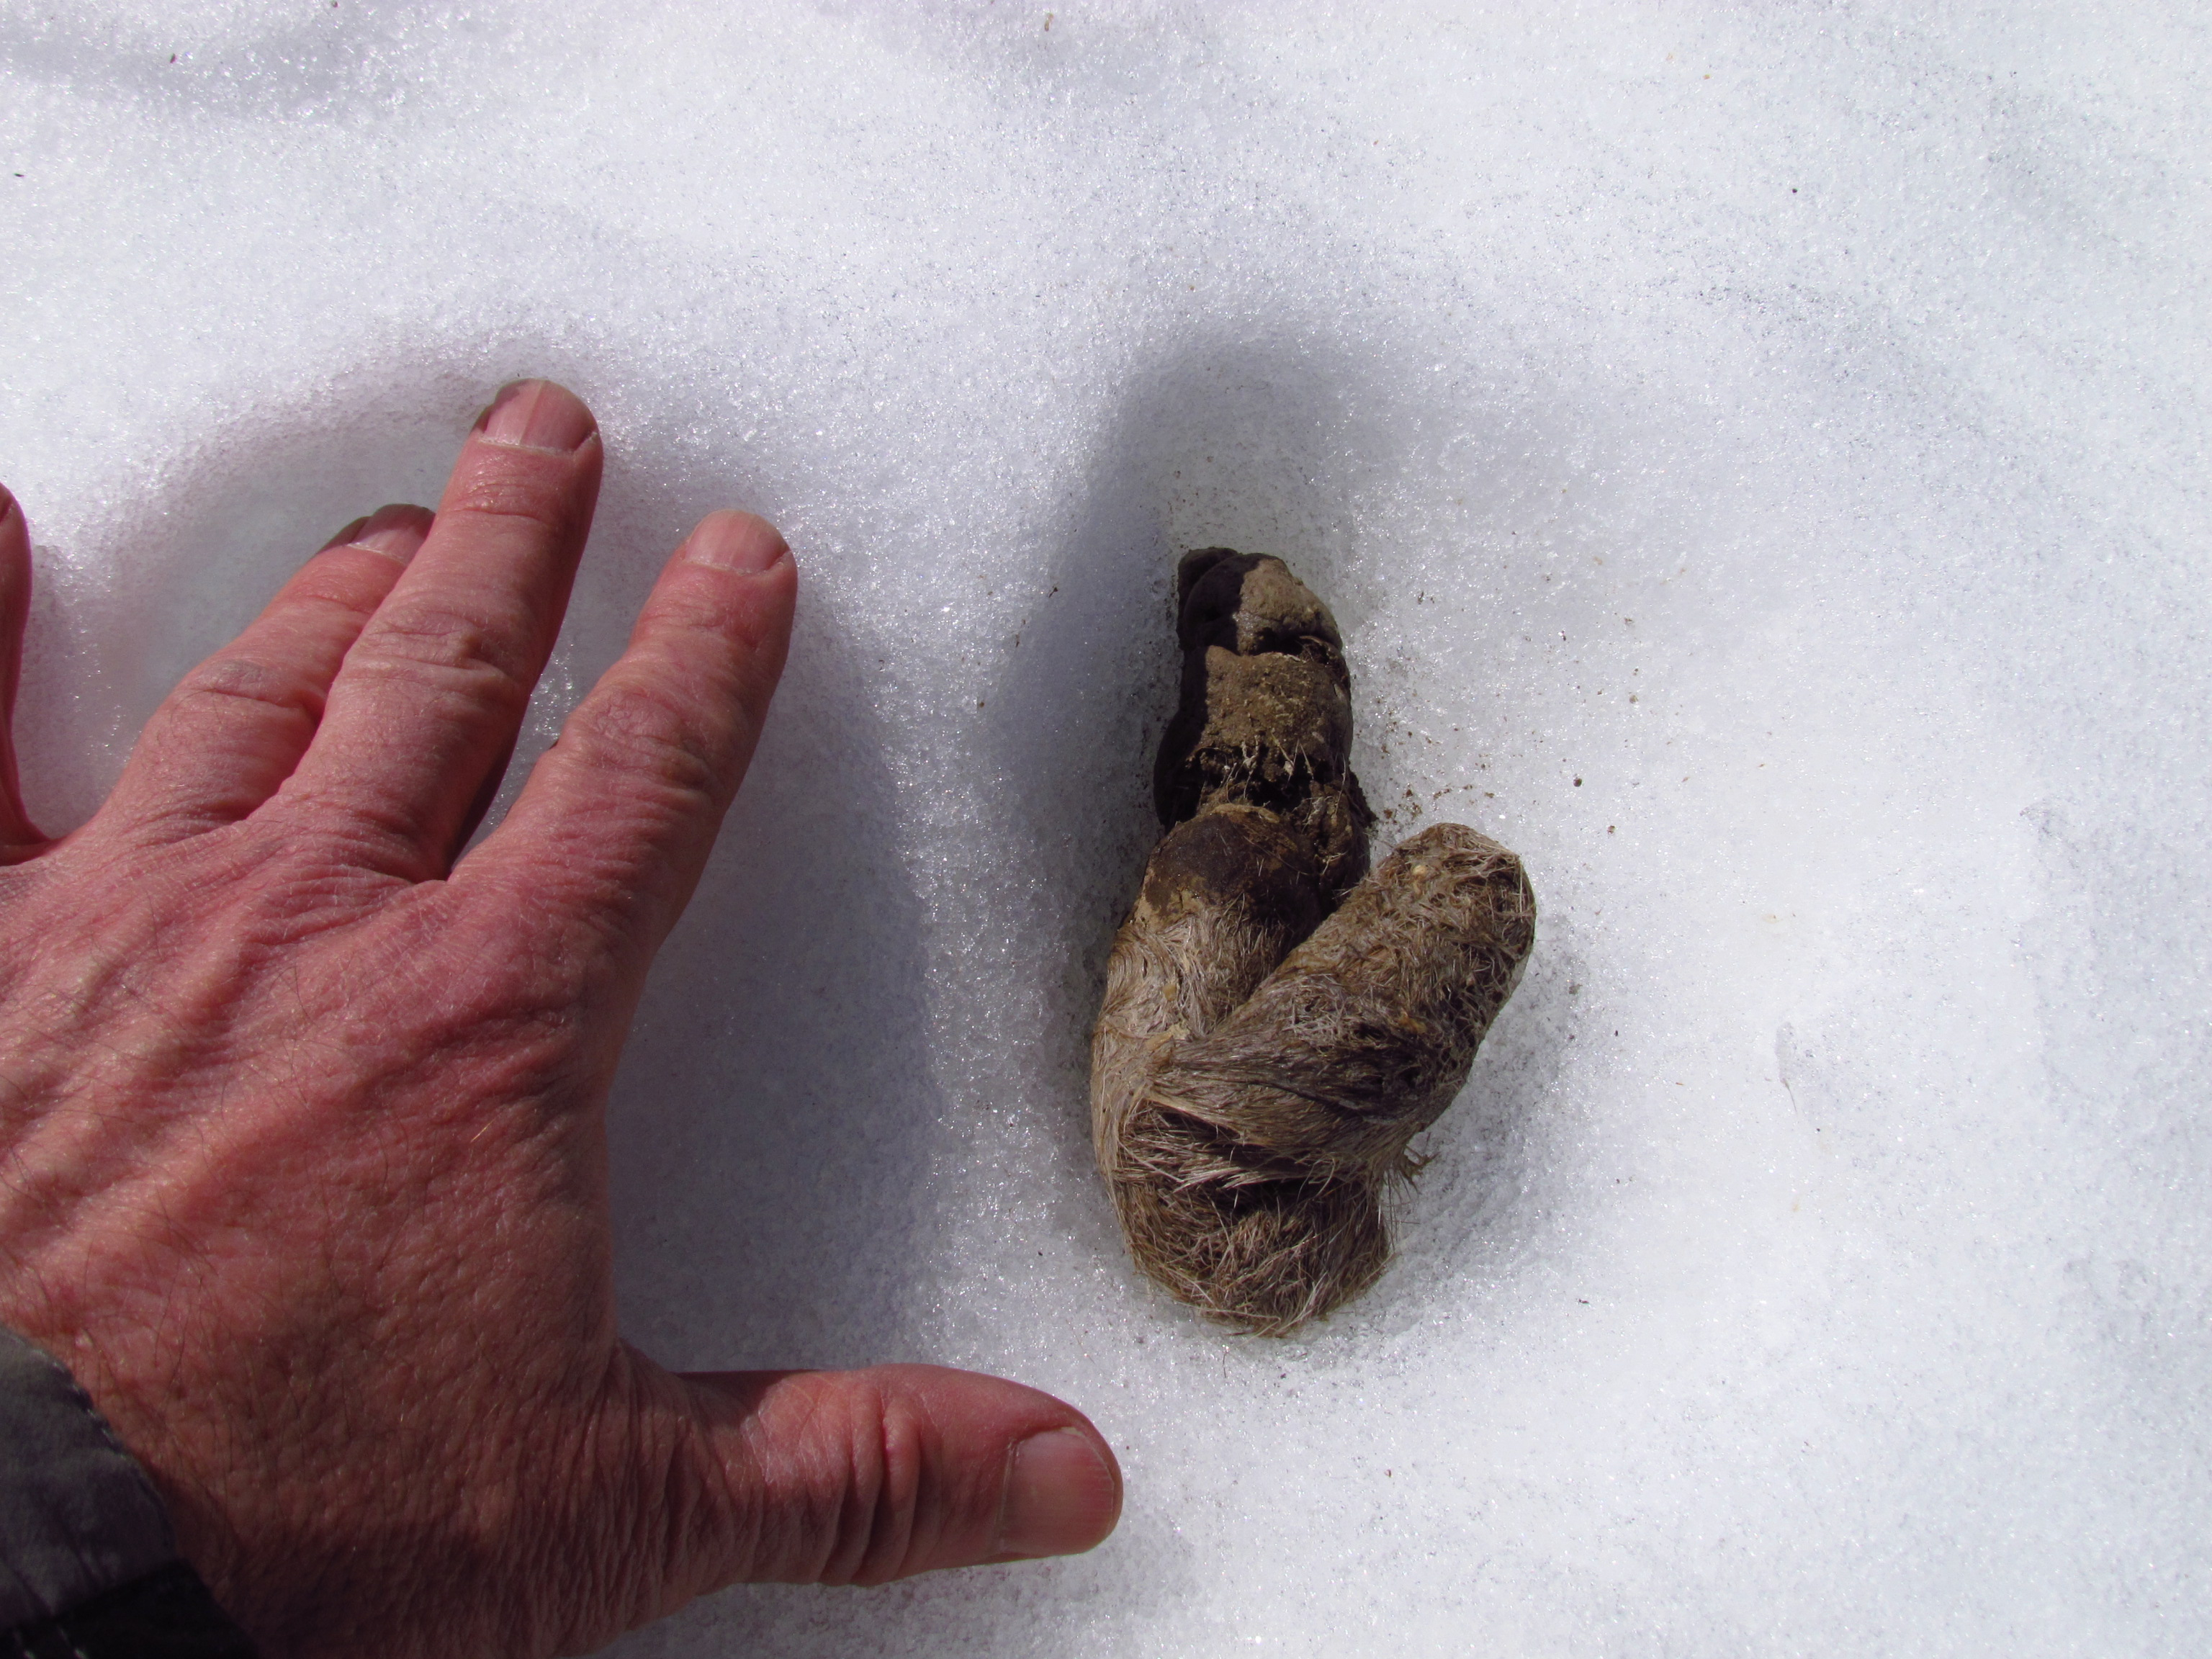 coyote scat in snow